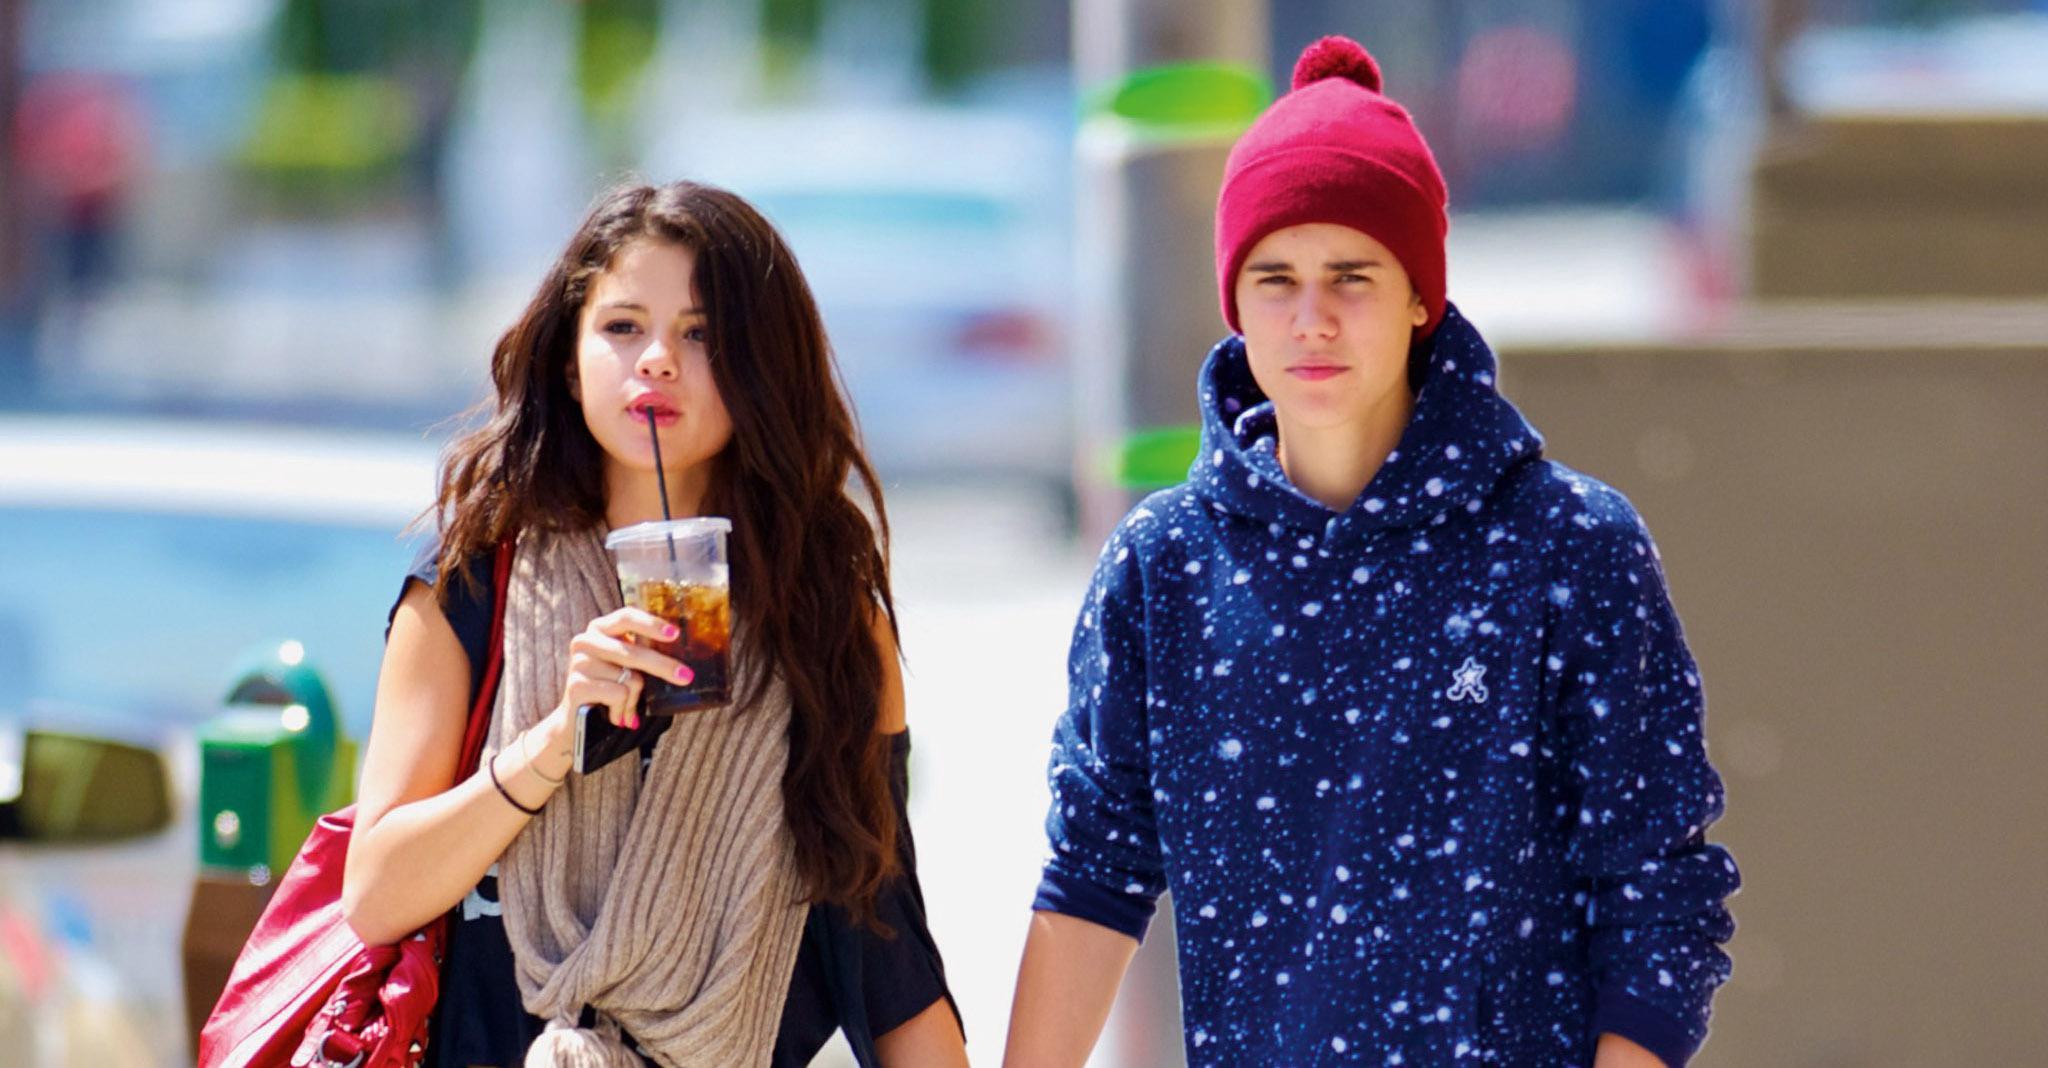 Apesar das brigas e polêmicas, o amor de Justin e Selena venceu e eles tentaram novamente